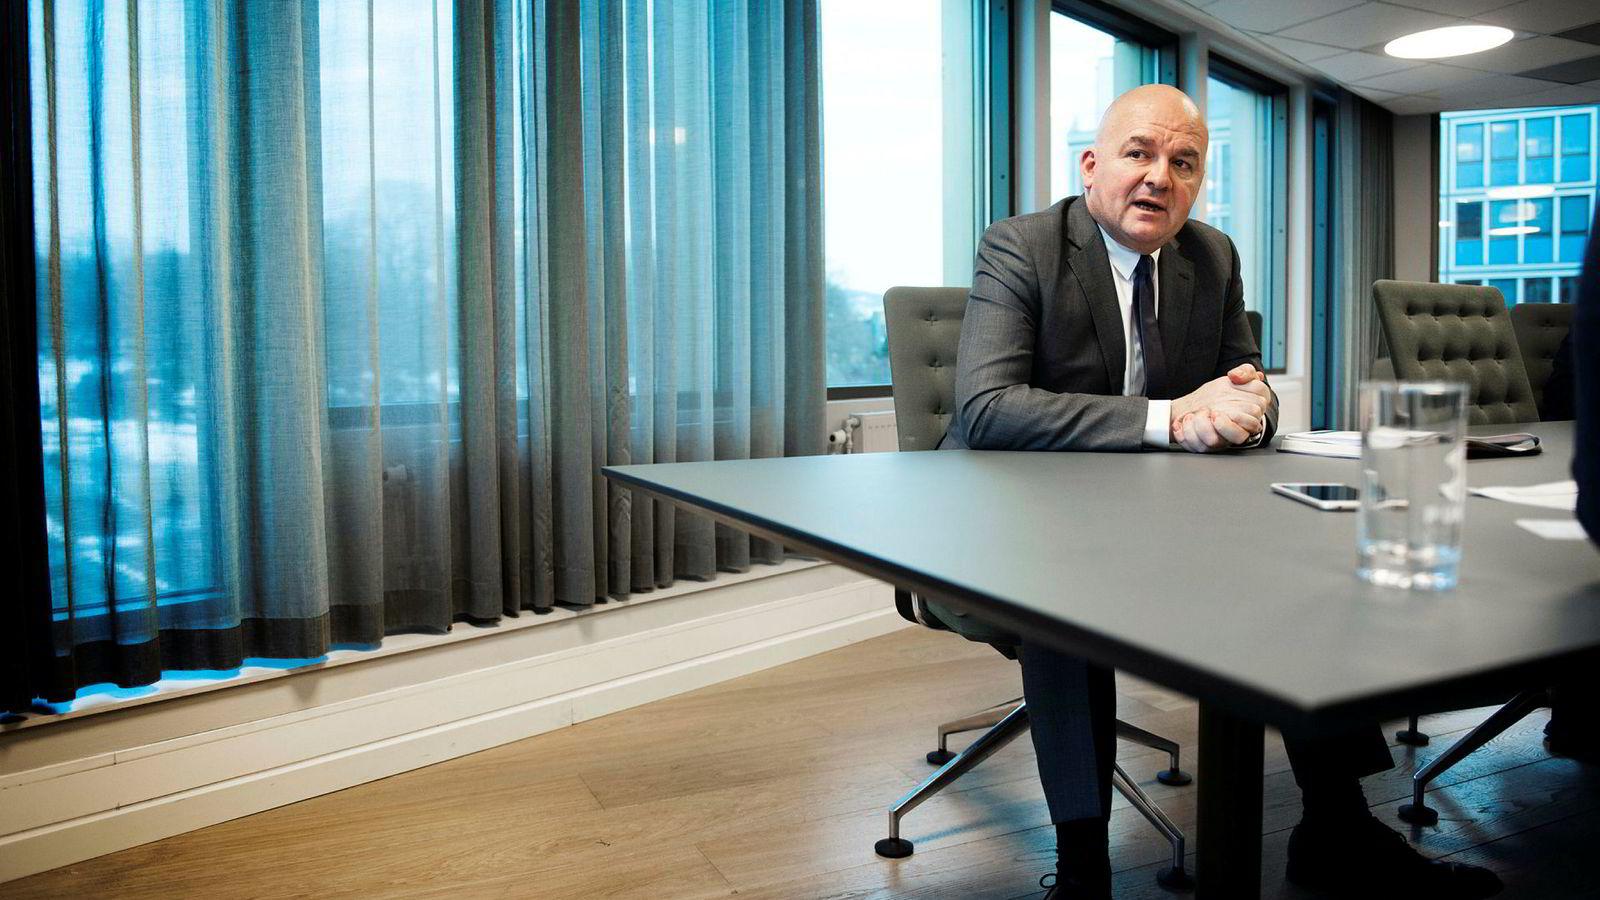 – Så snart de regulatoriske myndighetene har godkjent transaksjonen og enkelte andre forbehold er oppfylt, er vår plan å gjennomføre kjøpet, sier Euronext-sjef Stéphane Boujnah.